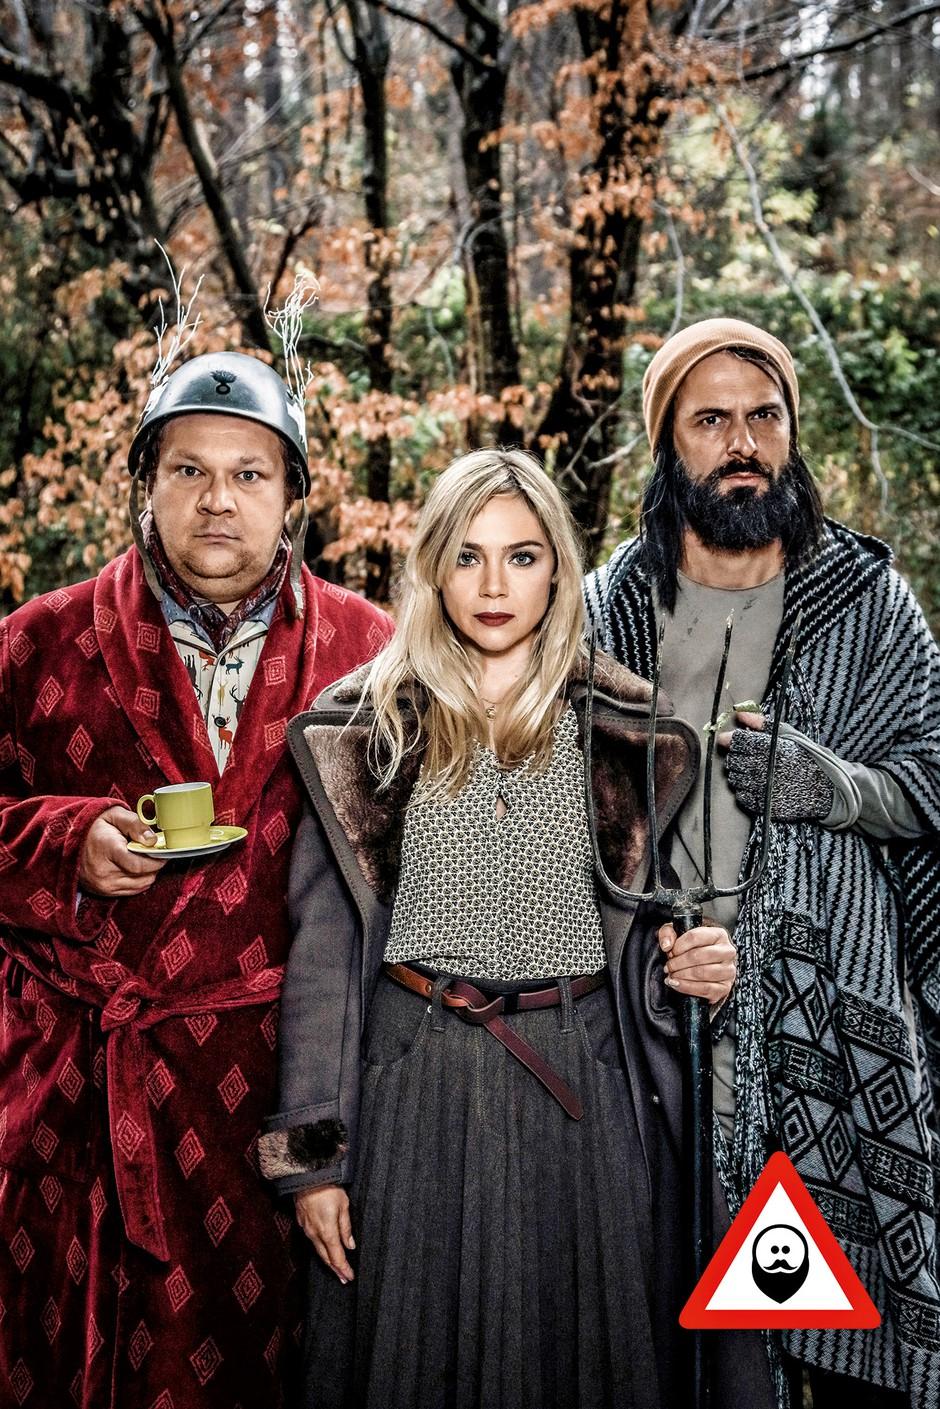 """Katarina Čas: """"Zaradi predstave ne bomo šli živet v gozd"""" (foto: Peter Giodani)"""